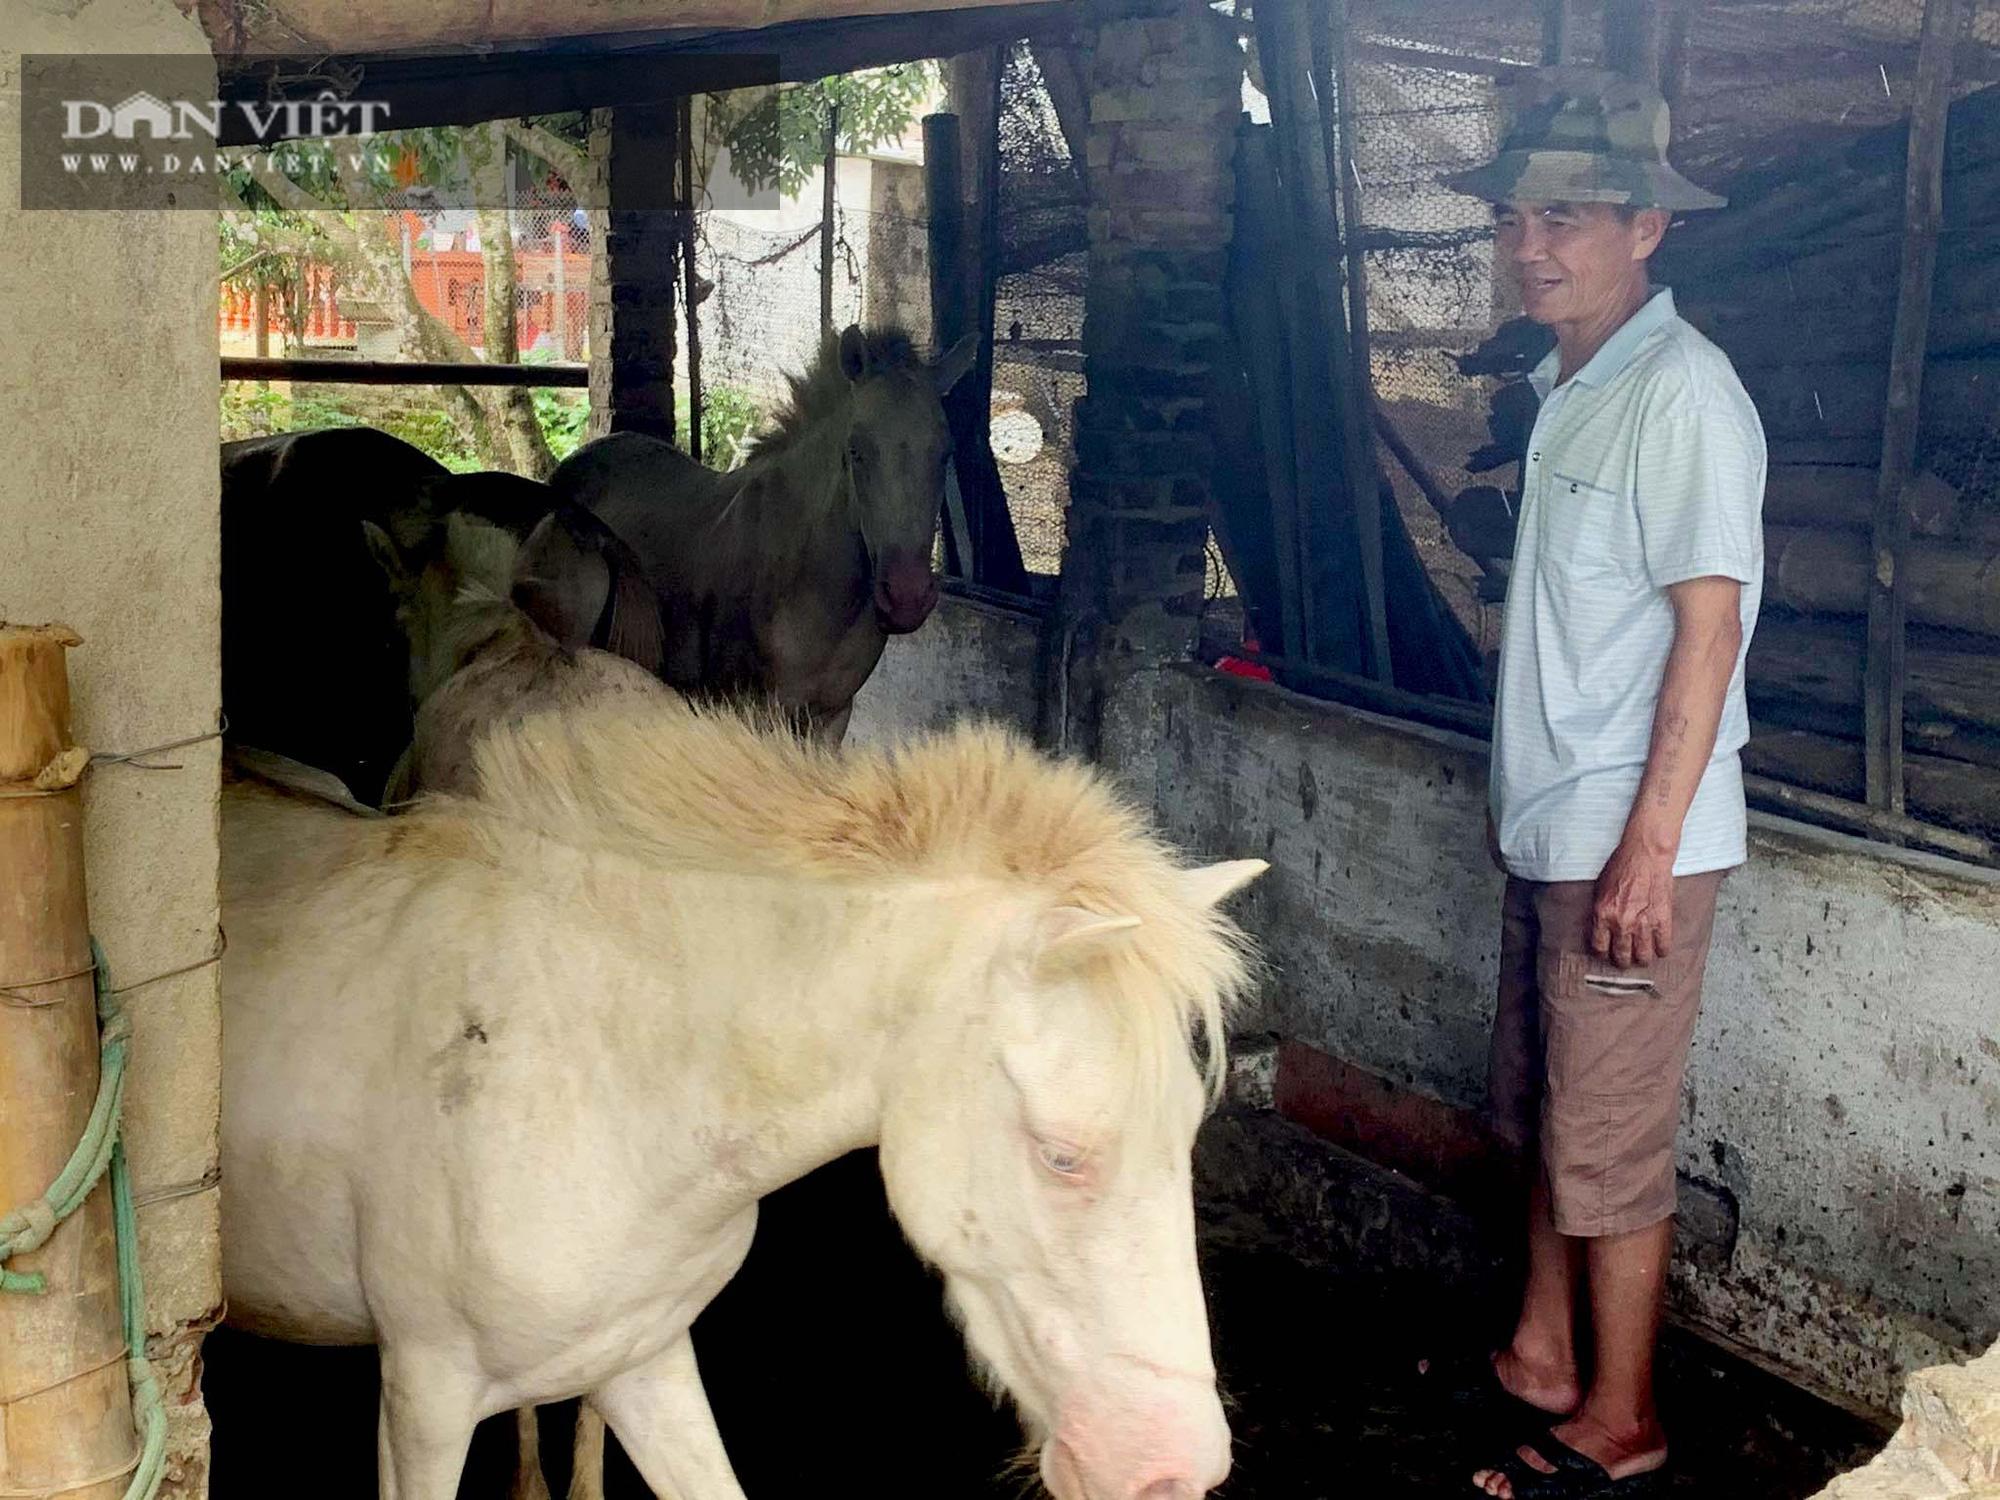 Nuôi ngựa ăn quanh gốc, ít phải làm cỏ, lão nông thu 150 triệu đồng/vụ từ cây có múi - Ảnh 3.